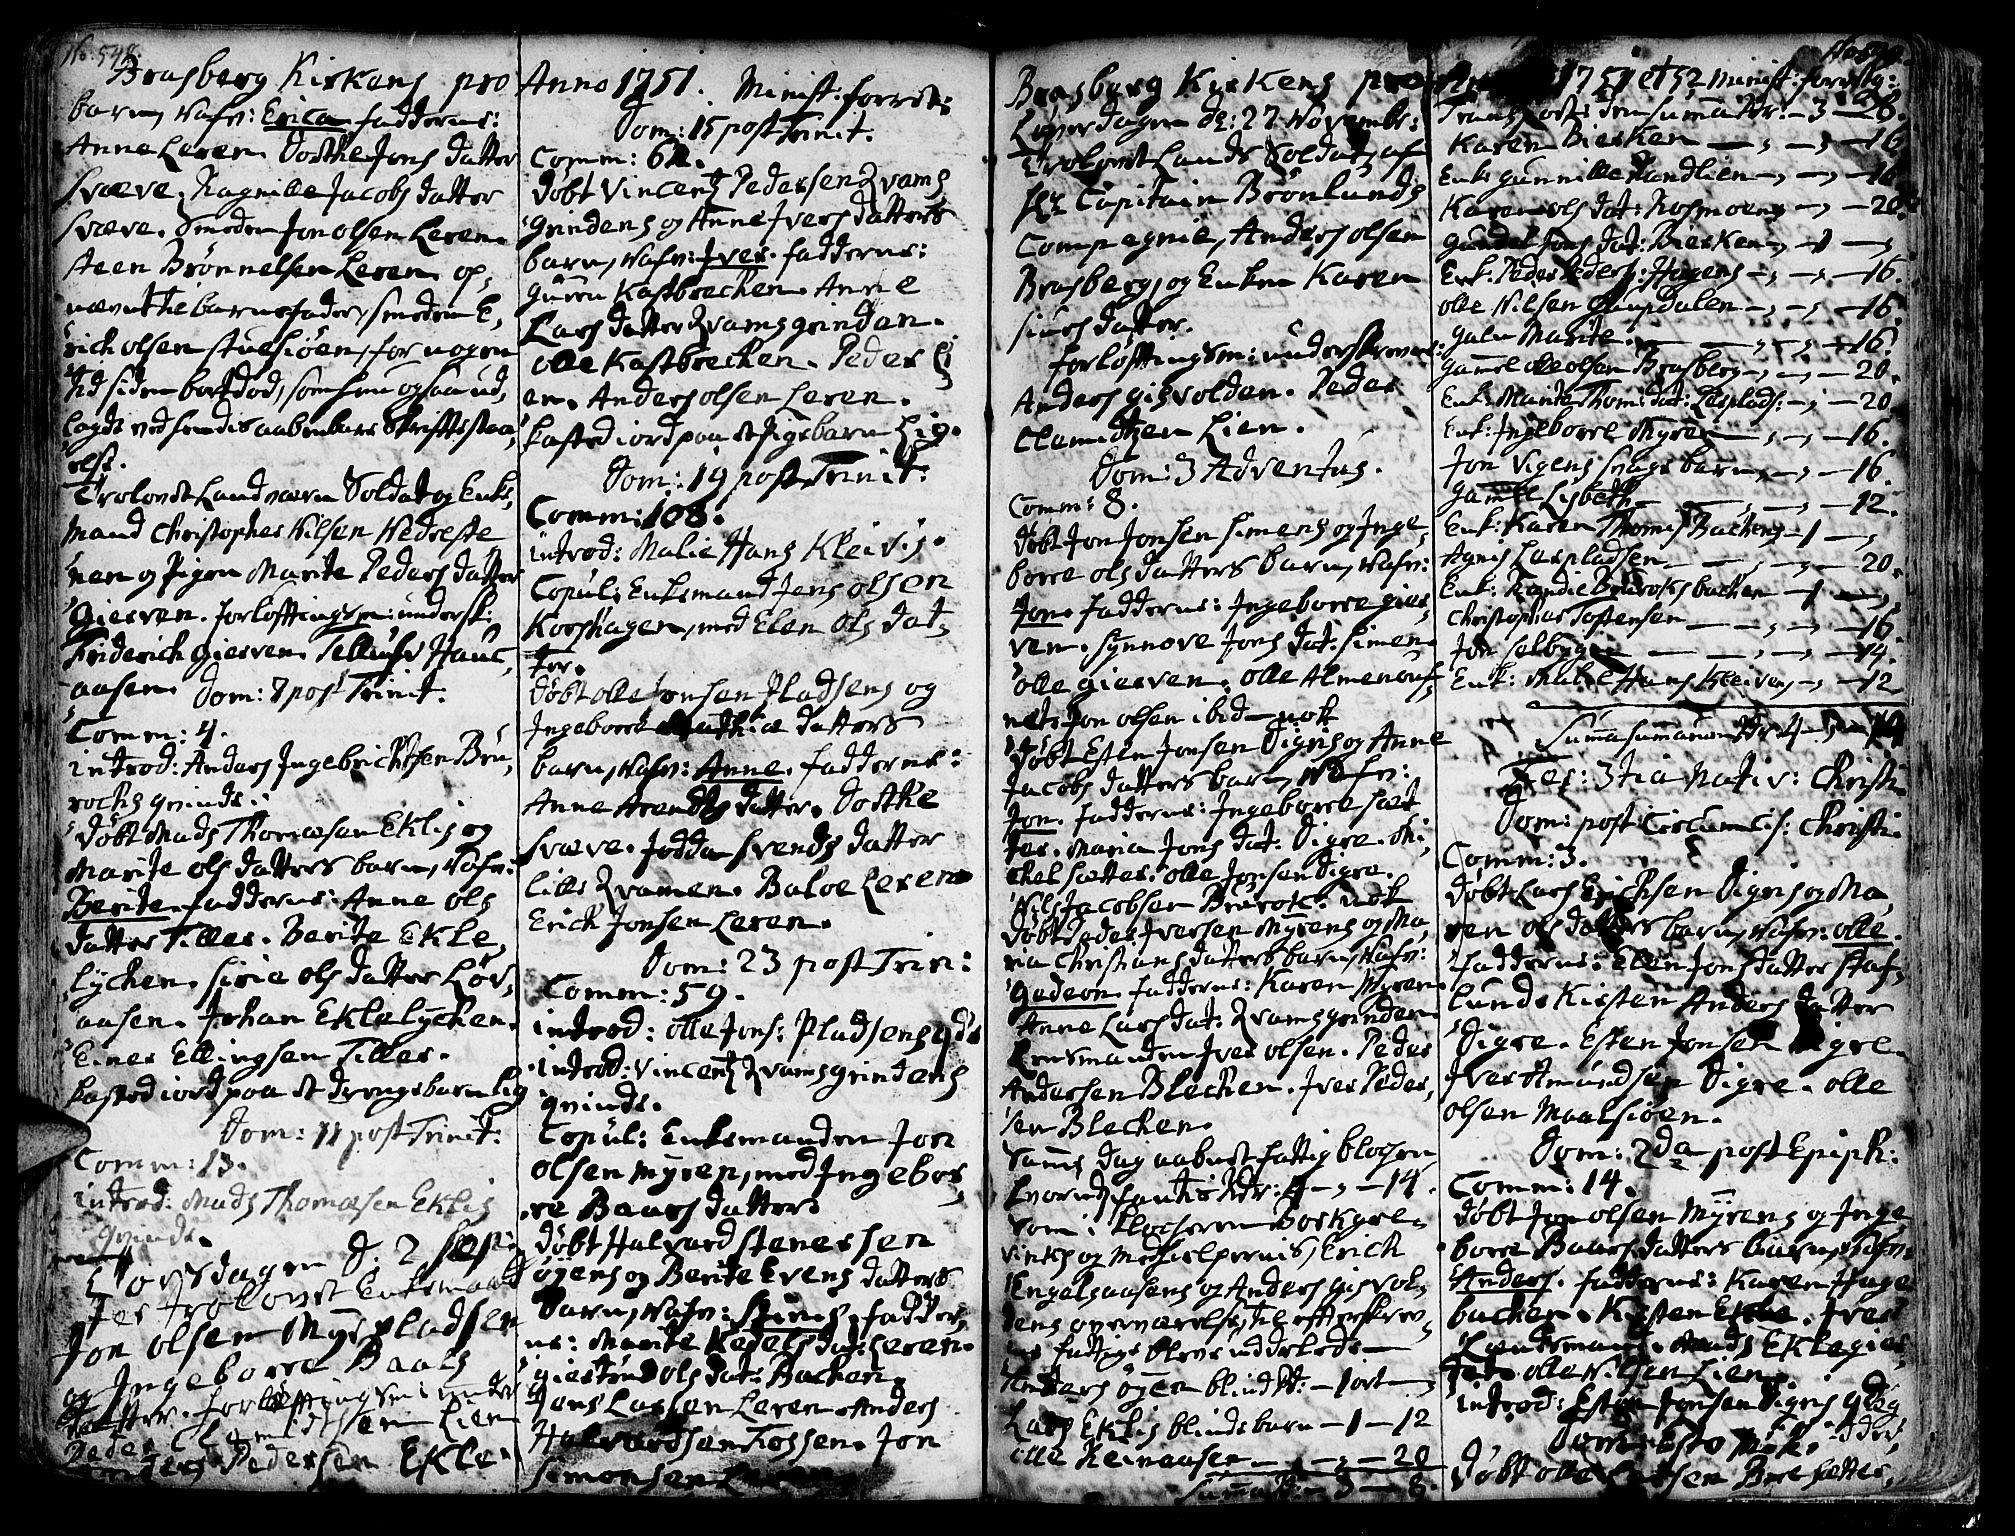 SAT, Ministerialprotokoller, klokkerbøker og fødselsregistre - Sør-Trøndelag, 606/L0278: Ministerialbok nr. 606A01 /4, 1727-1780, s. 548-549